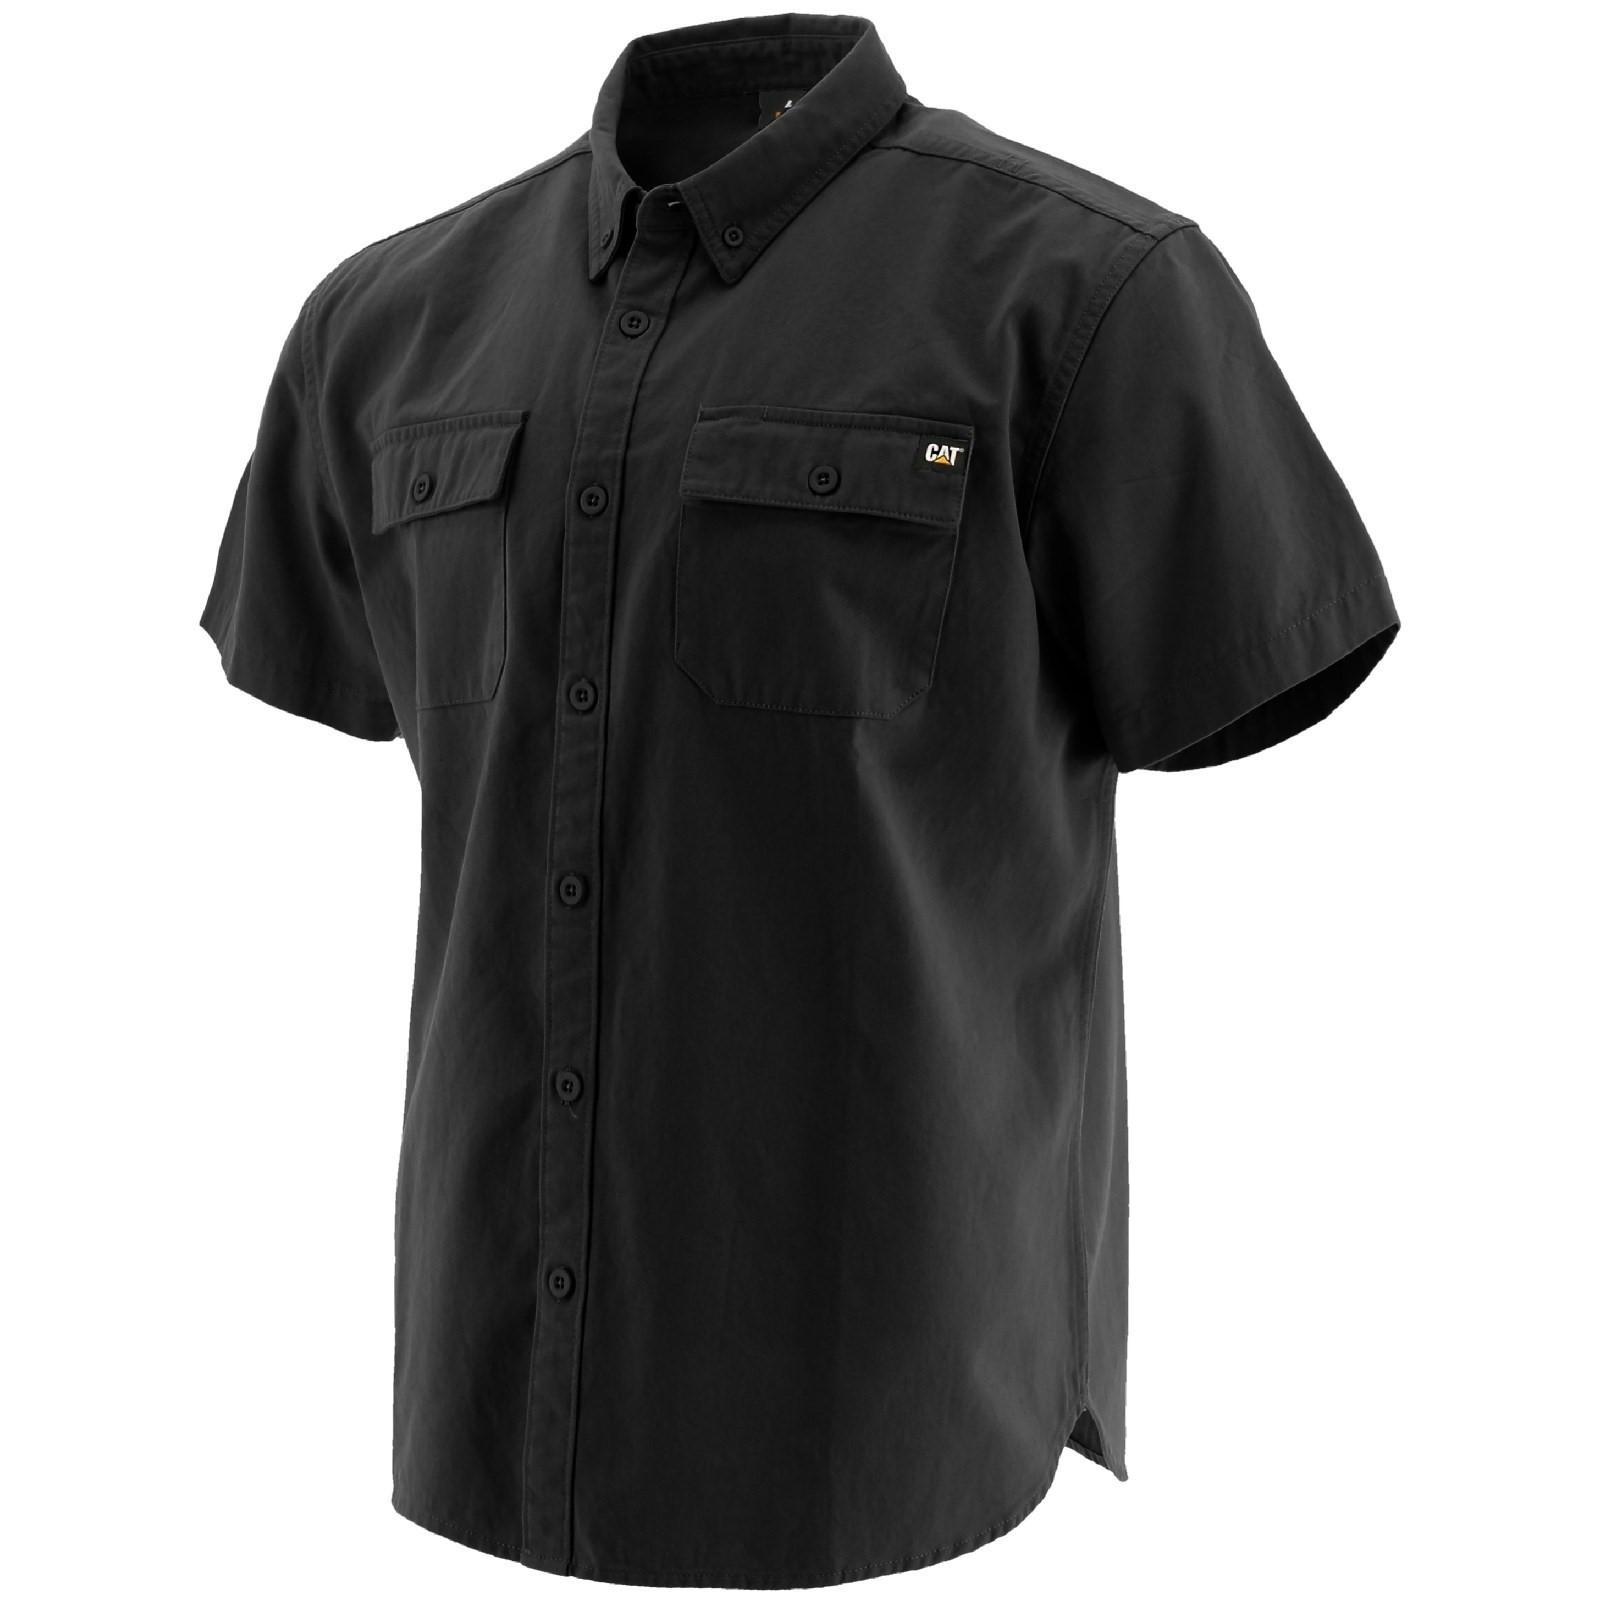 Caterpillar Mens Button Up Short Sleeve Work Shirt (XXL) (Black)